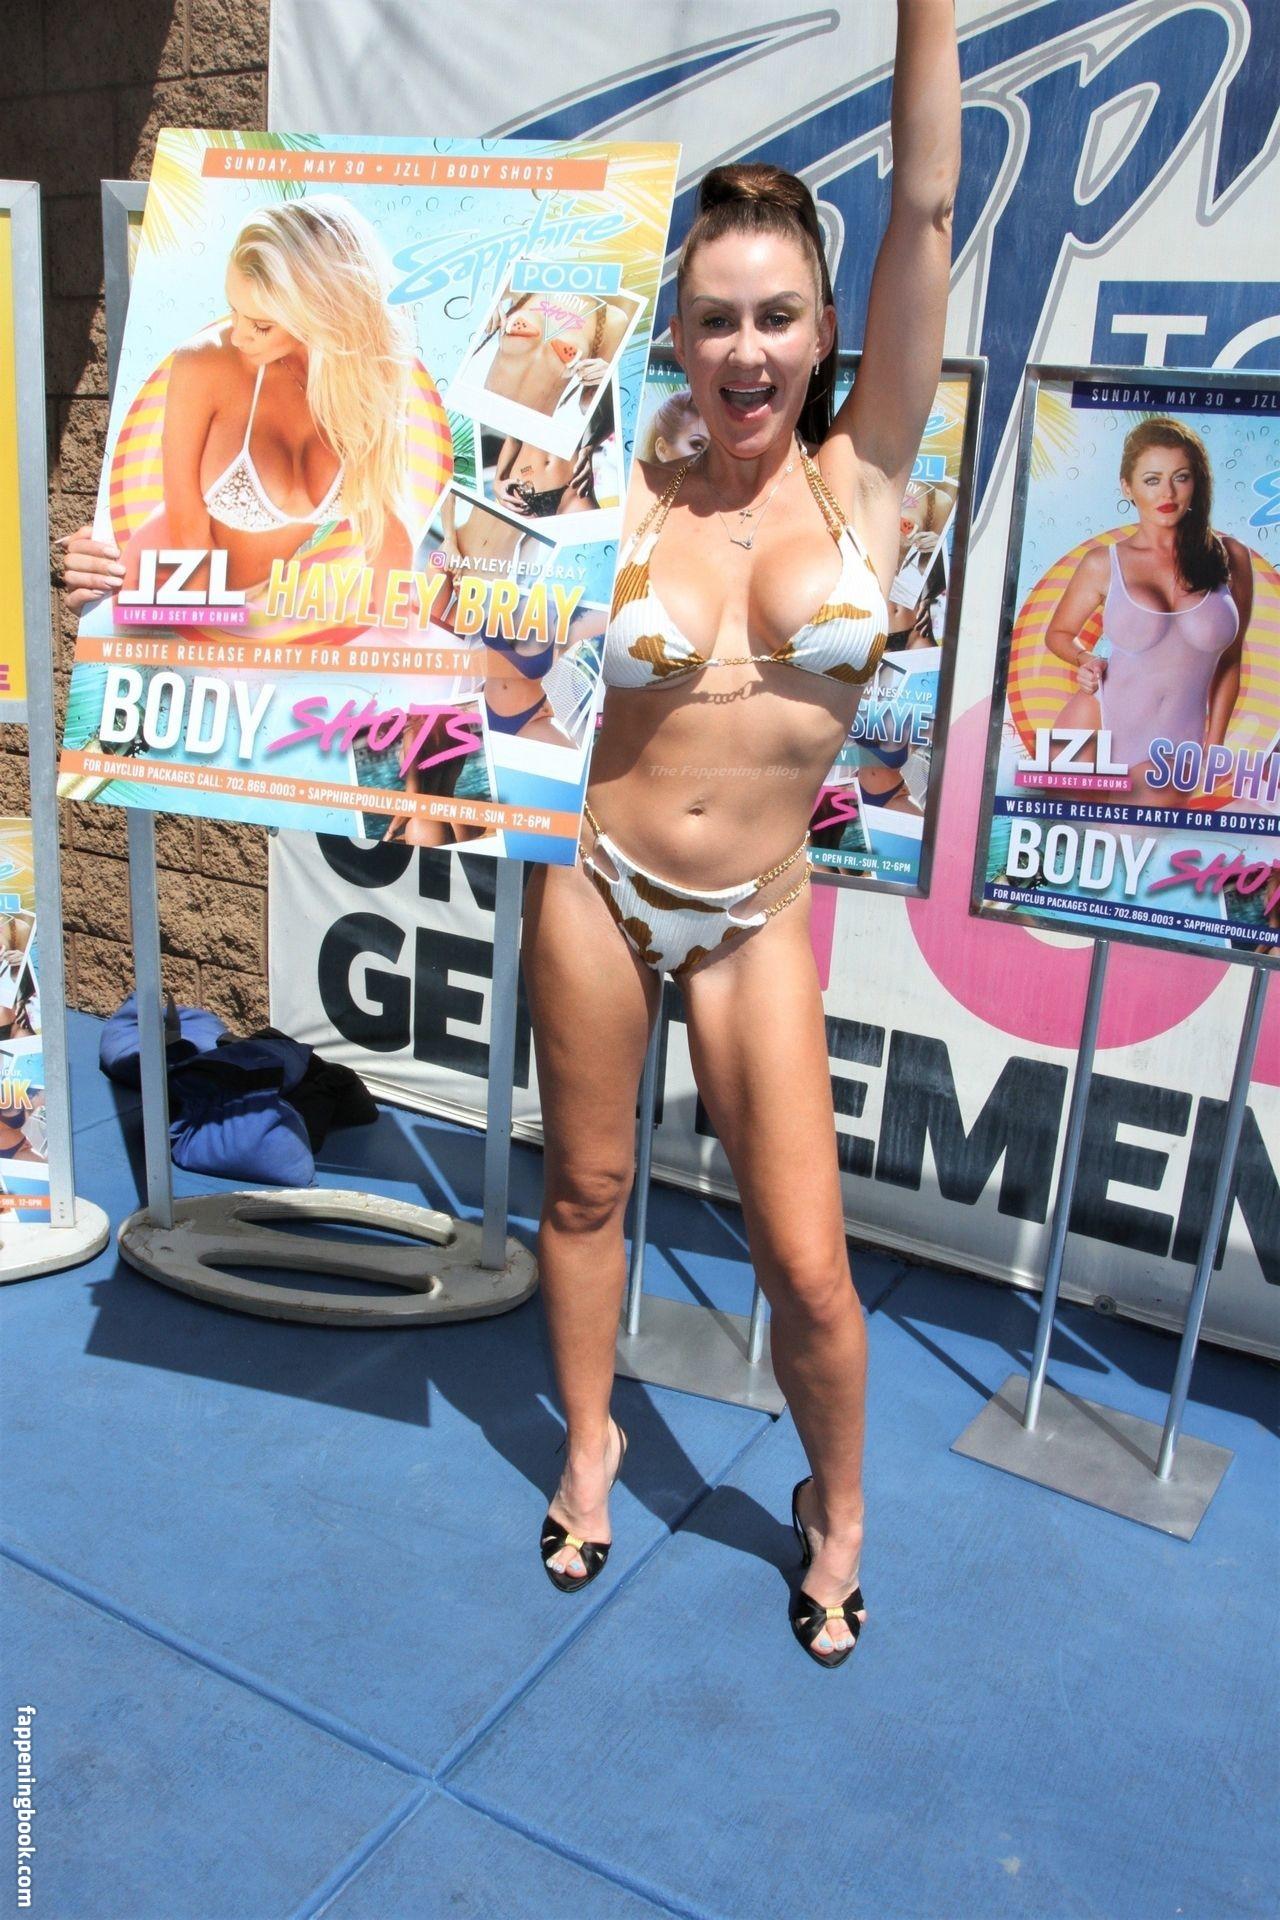 Hayley Bray